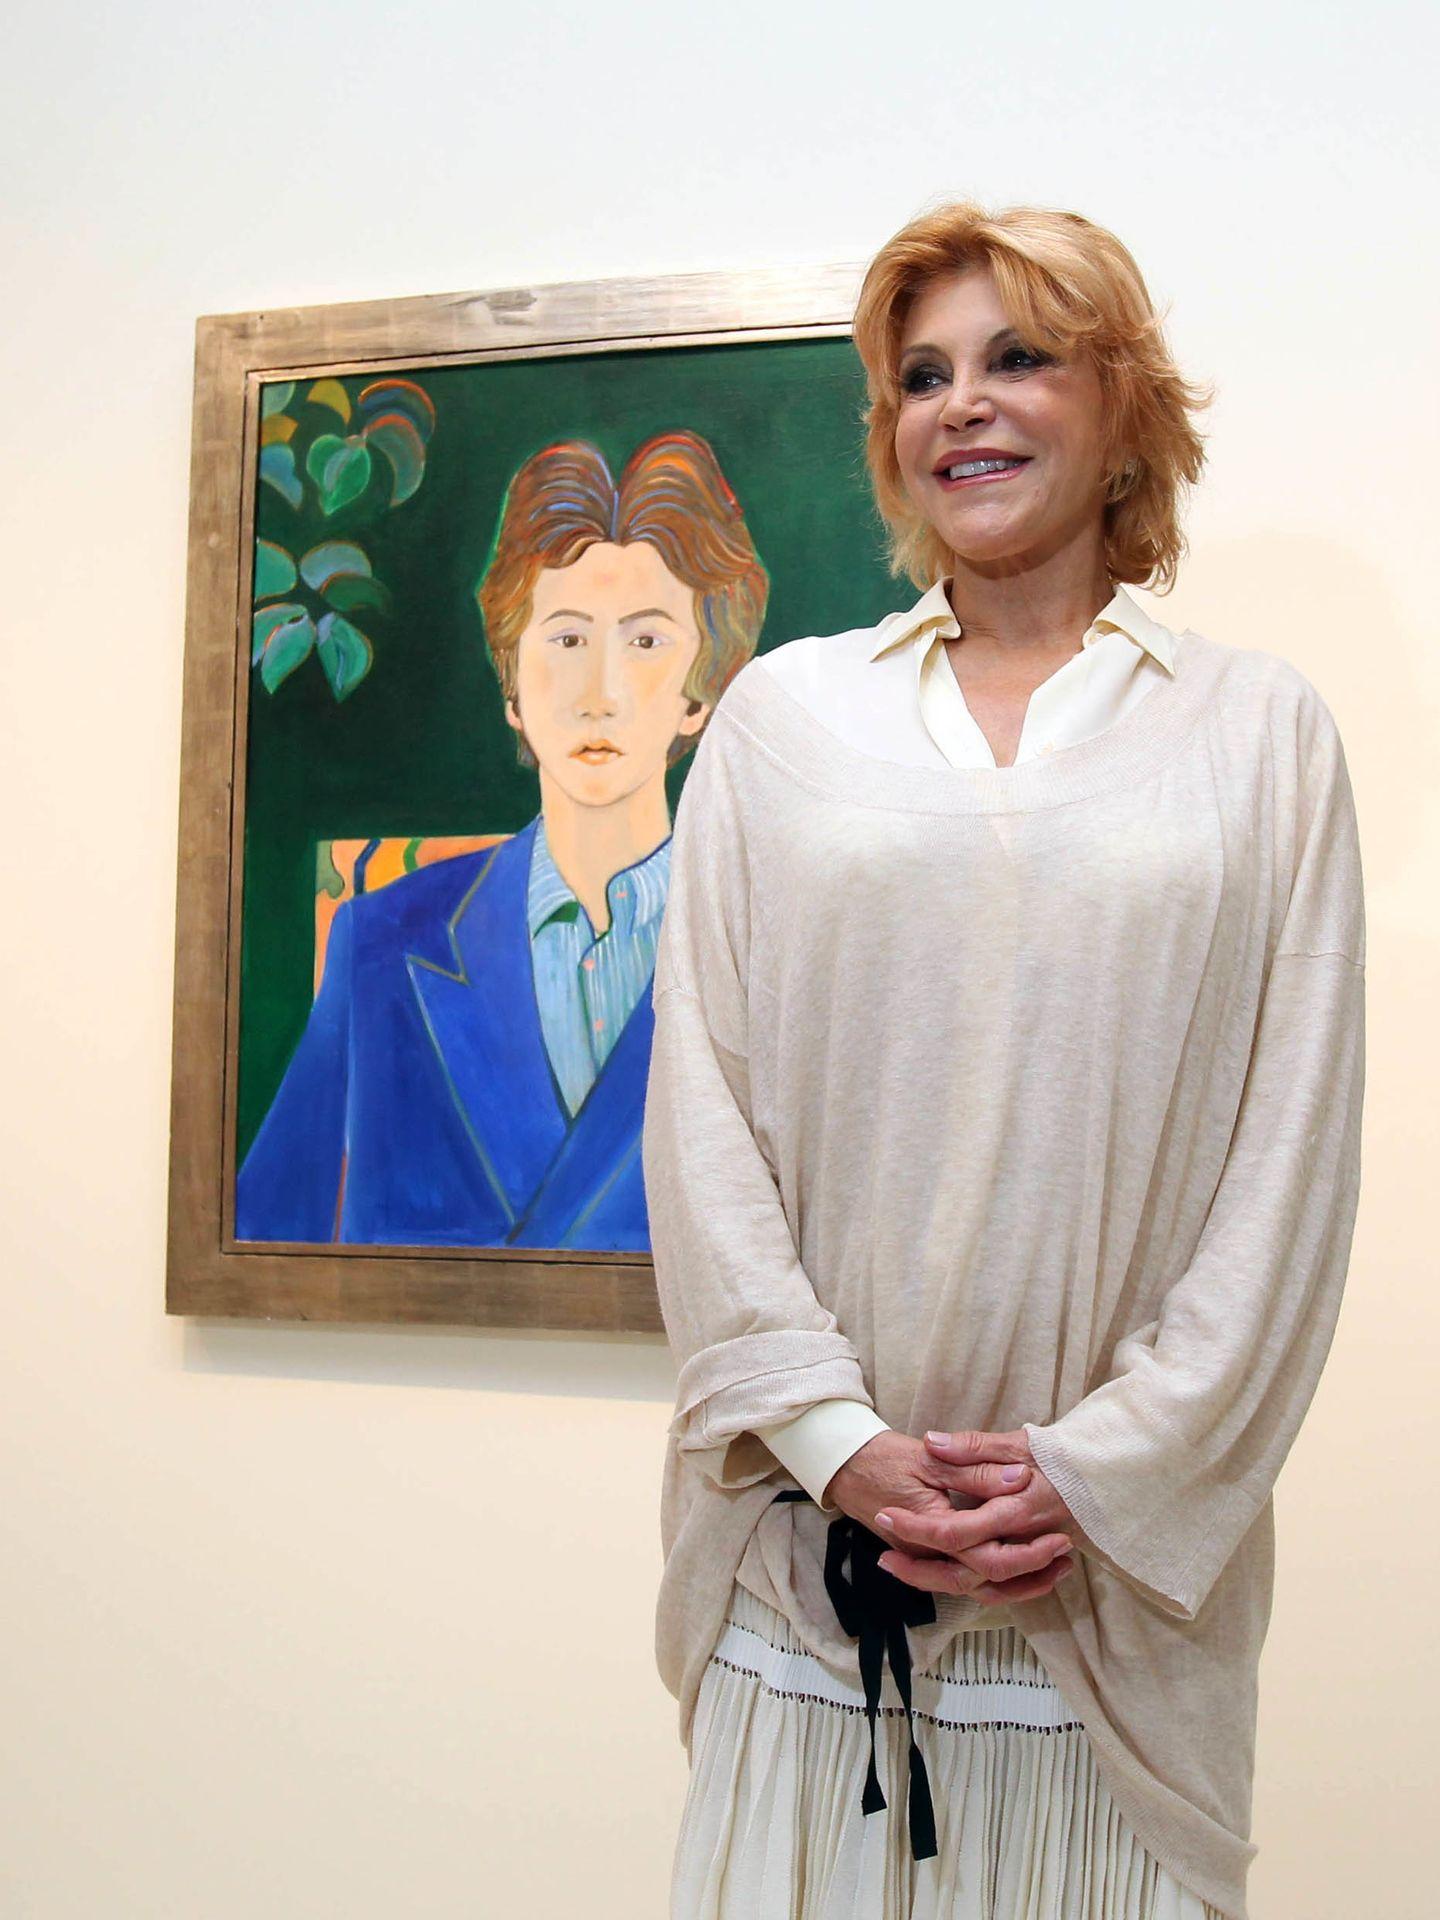 La baronesa Thyssen, Carmen Cervera, en una imagen de archivo en el museo Thyssen-Bornemisza de Madrid. (Gtres)